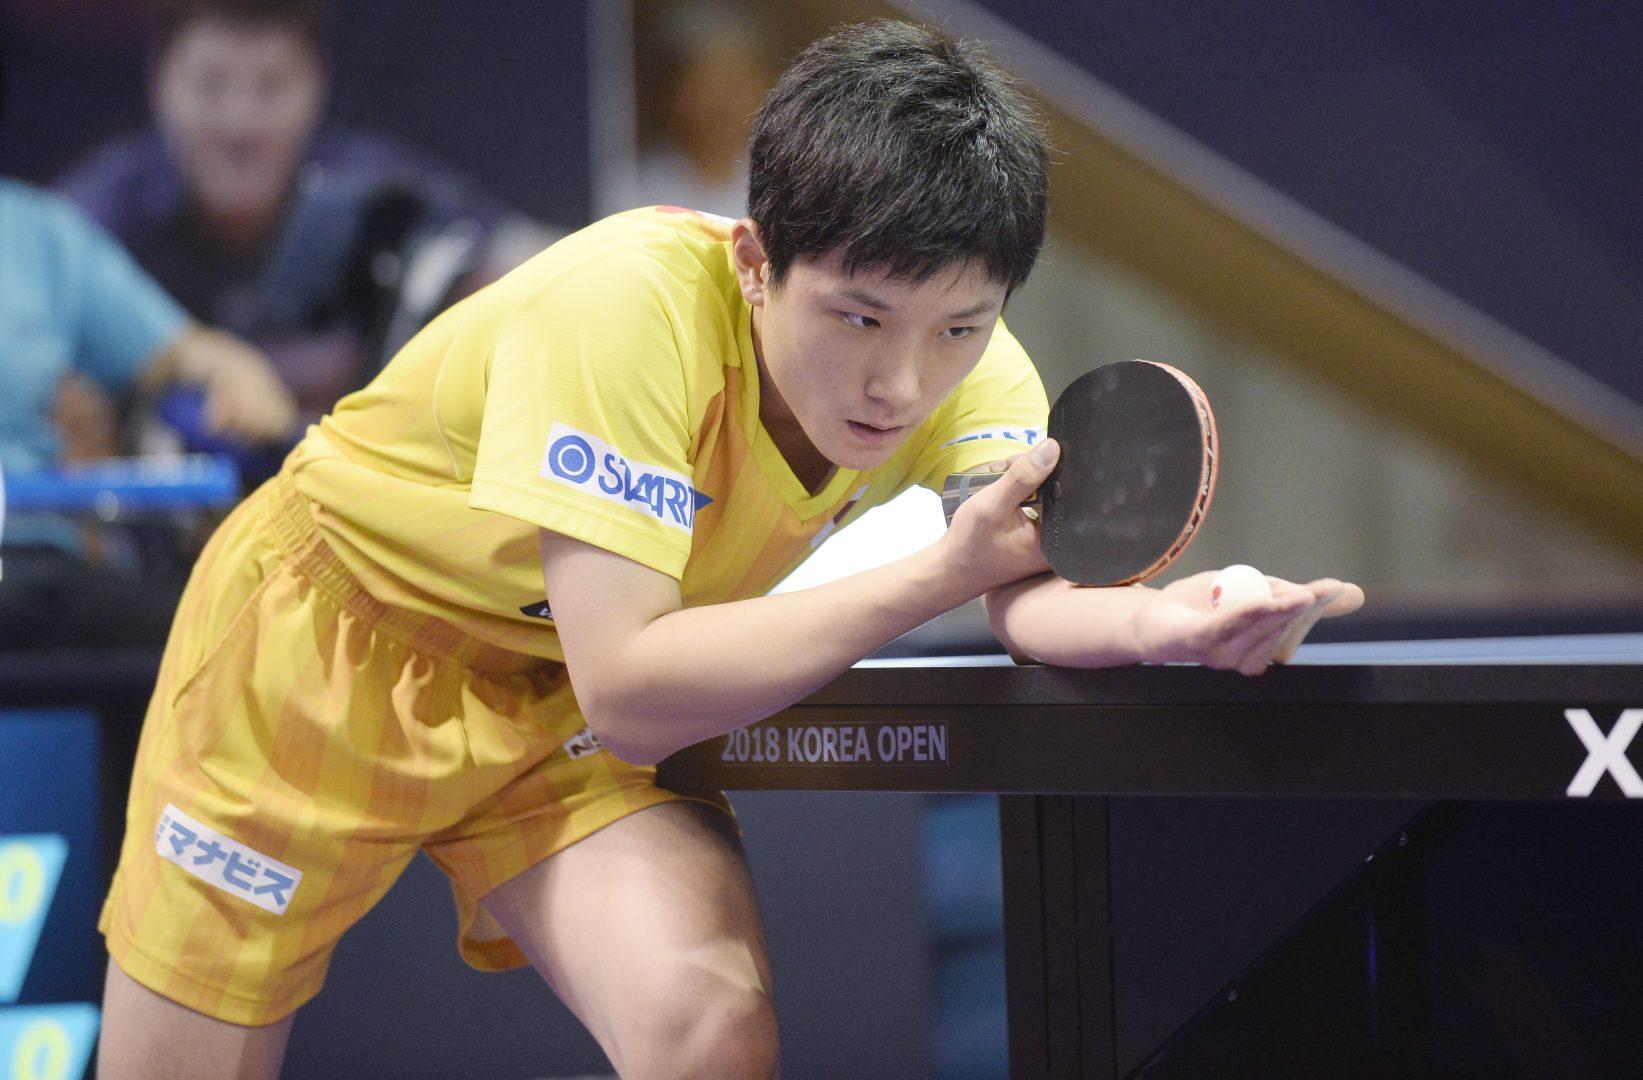 張本、大島が中国に阻まれベスト4<卓球・ITTFオーストラリアOP男子5日目>